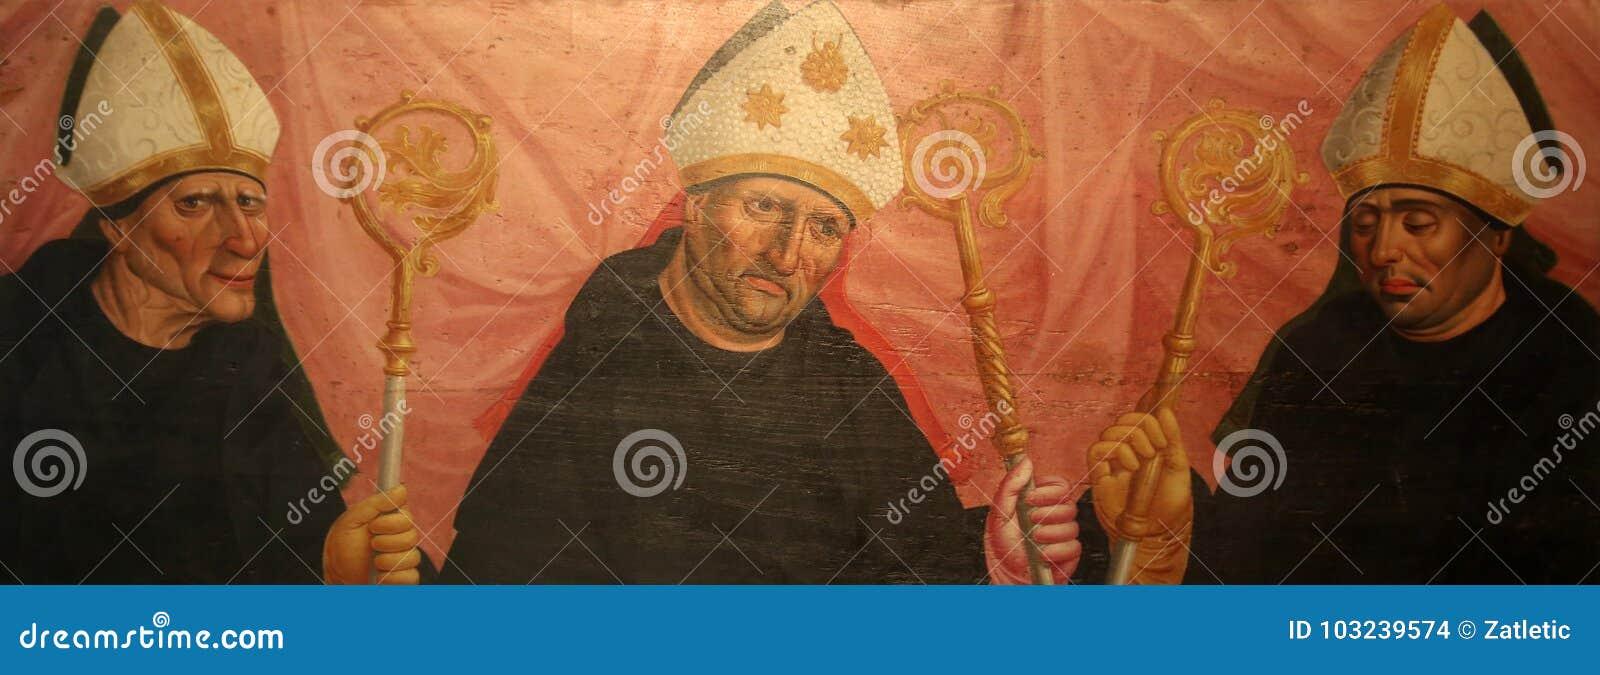 Святые, altarpiece в аббатстве Benediktbeuern базилики Венедикта Святого известном, Германии